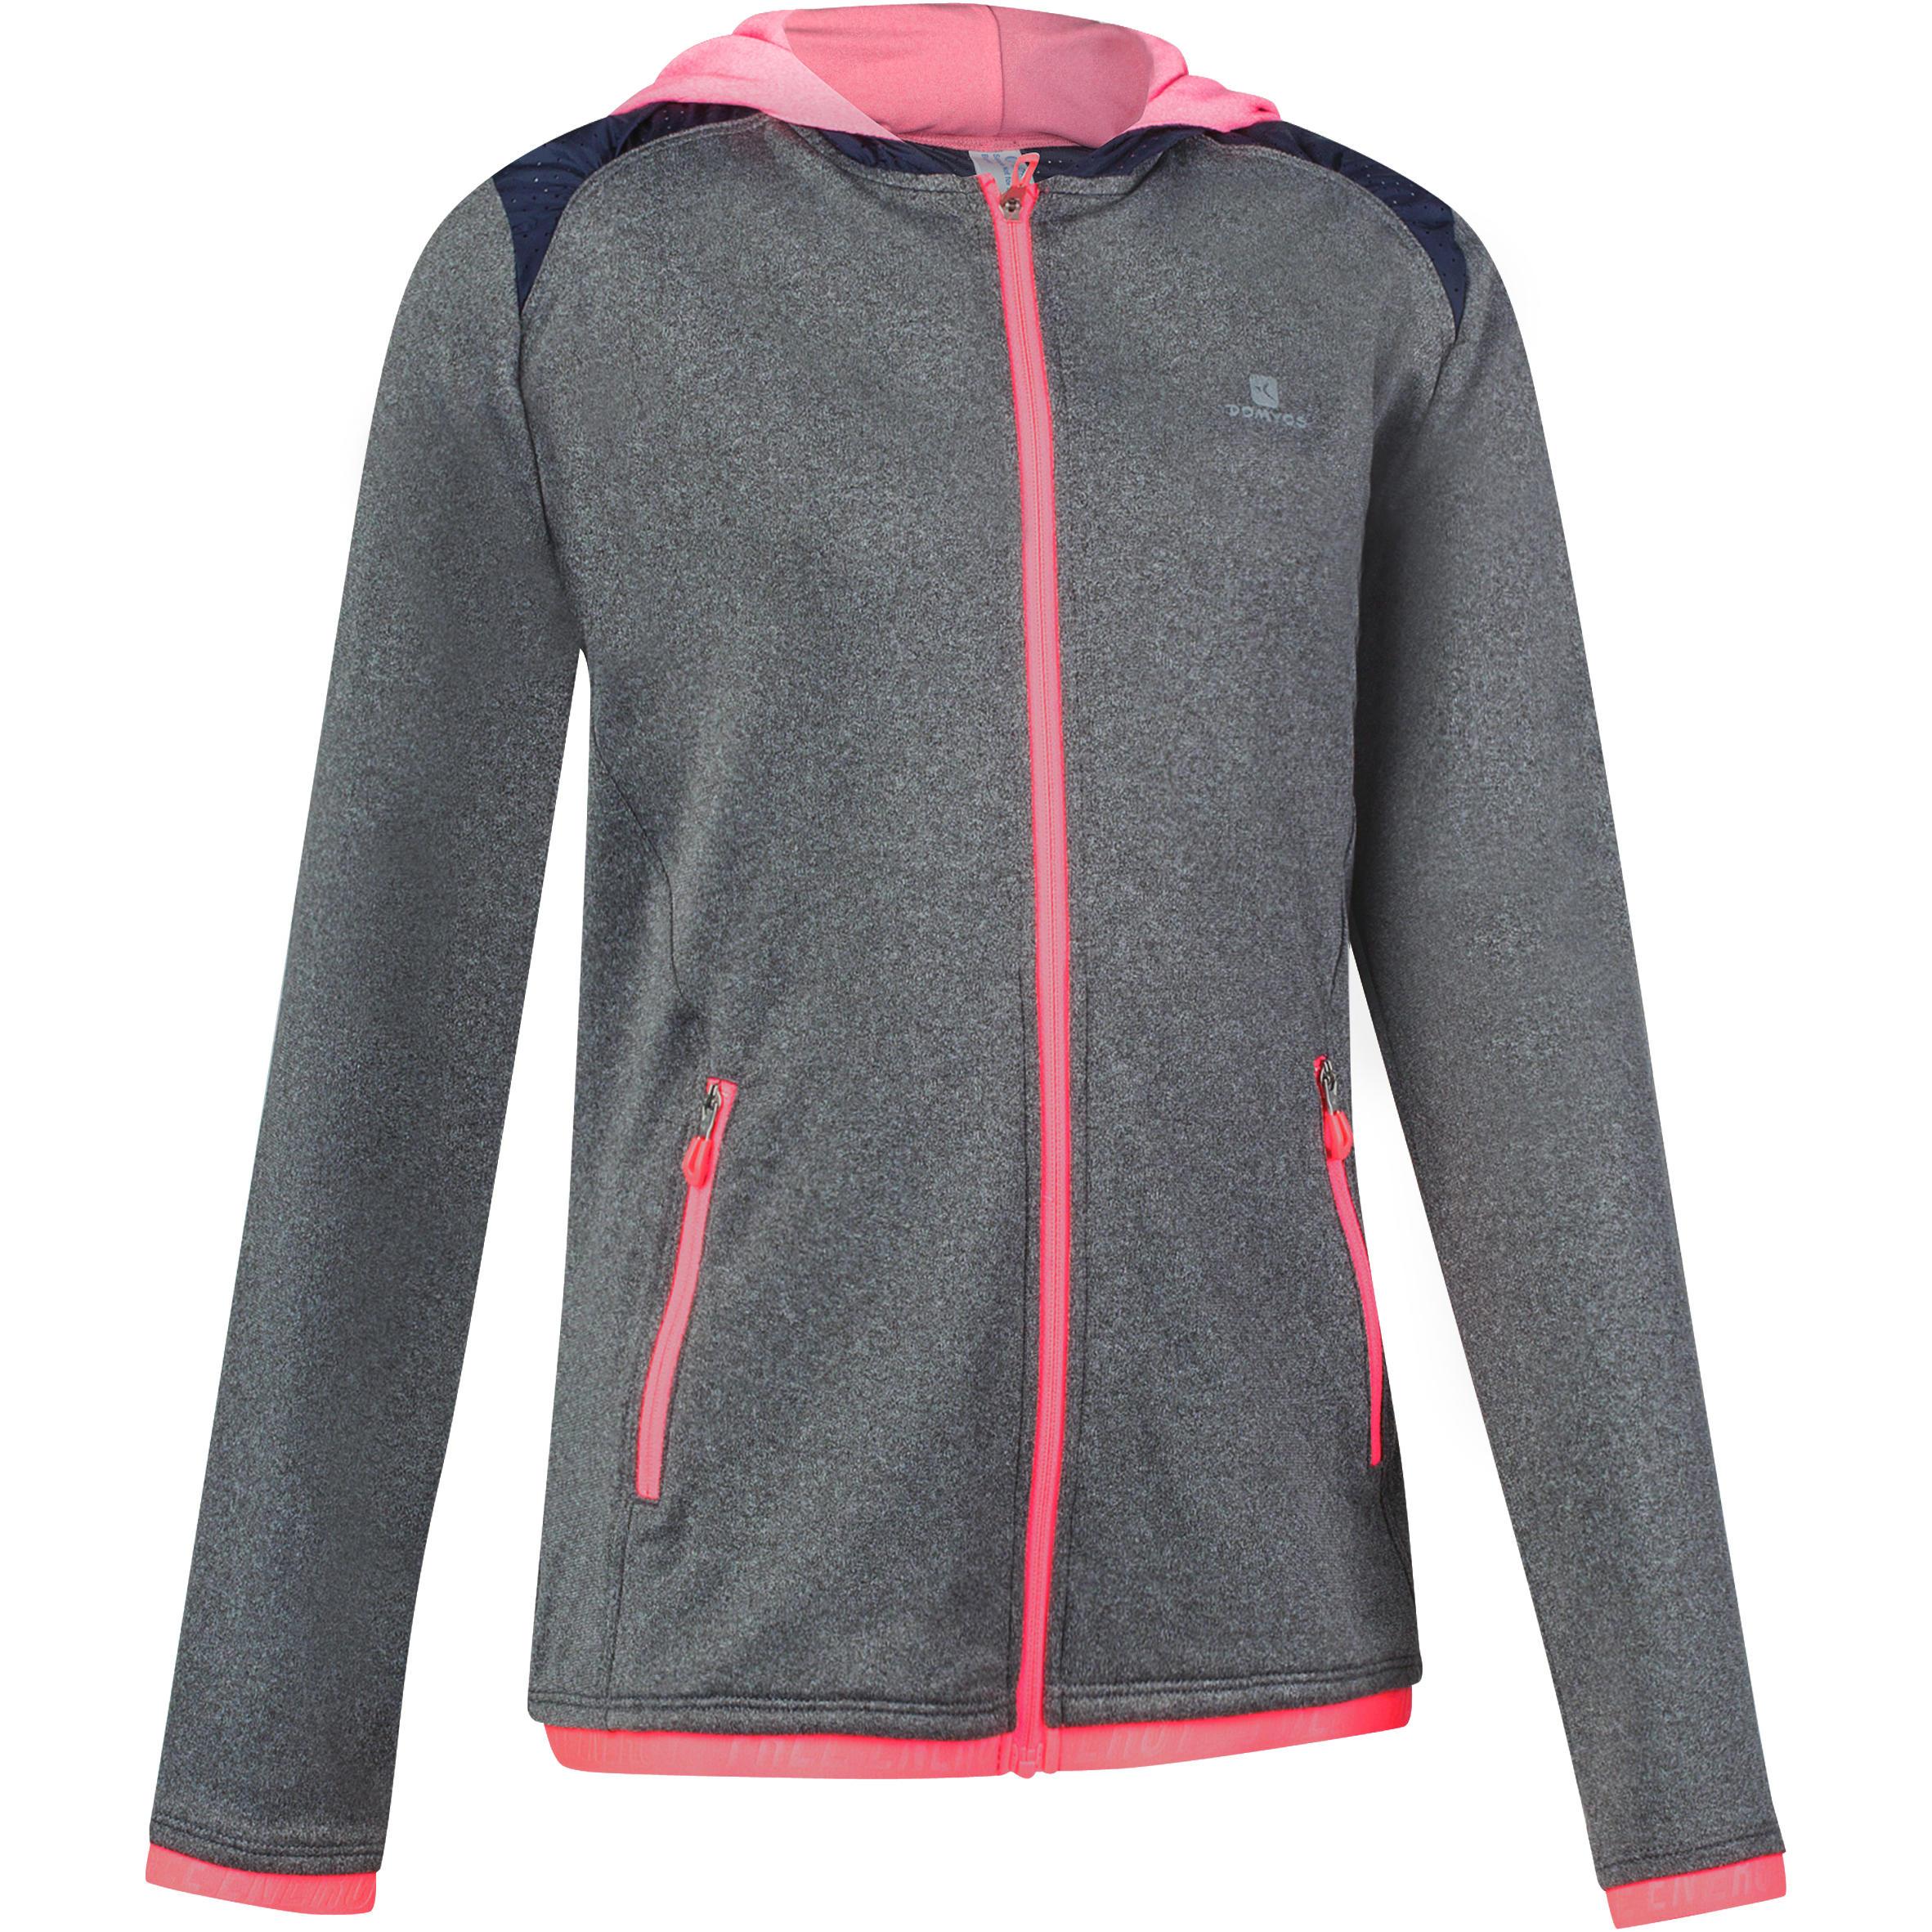 Energy Girls' Gym Warm Zip-Up Hooded Jacket - Grey